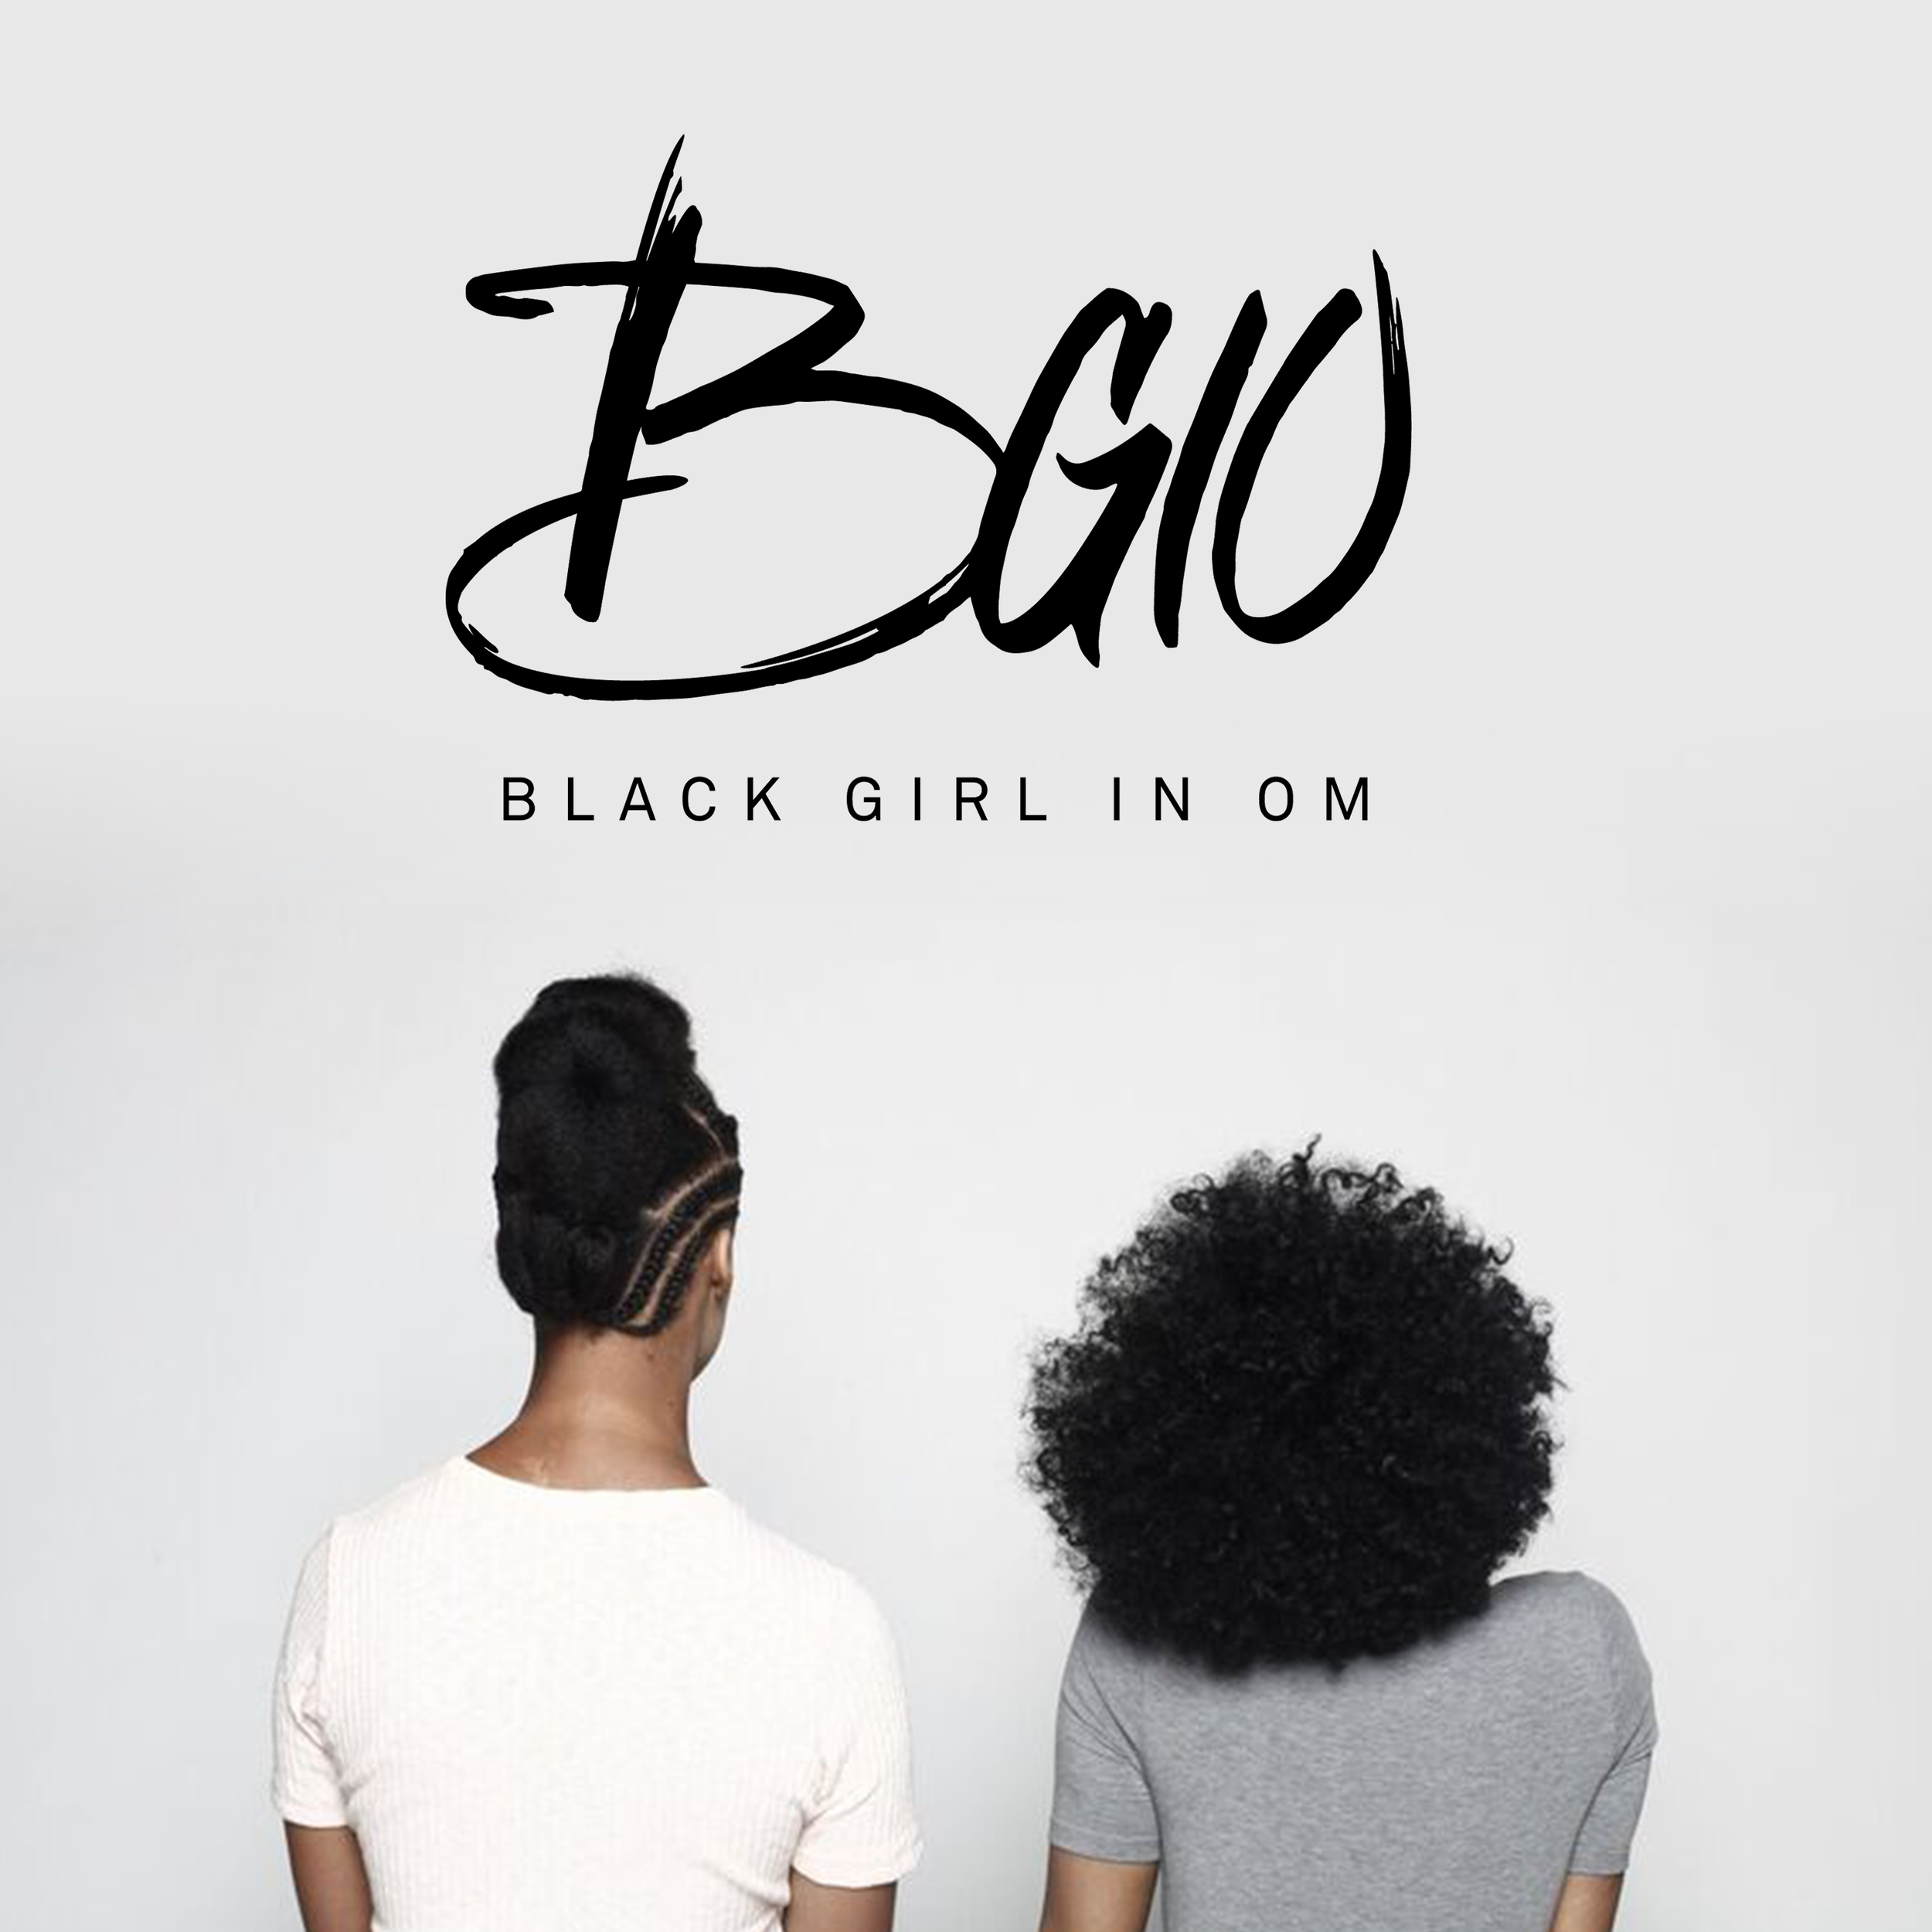 bgio-teaser